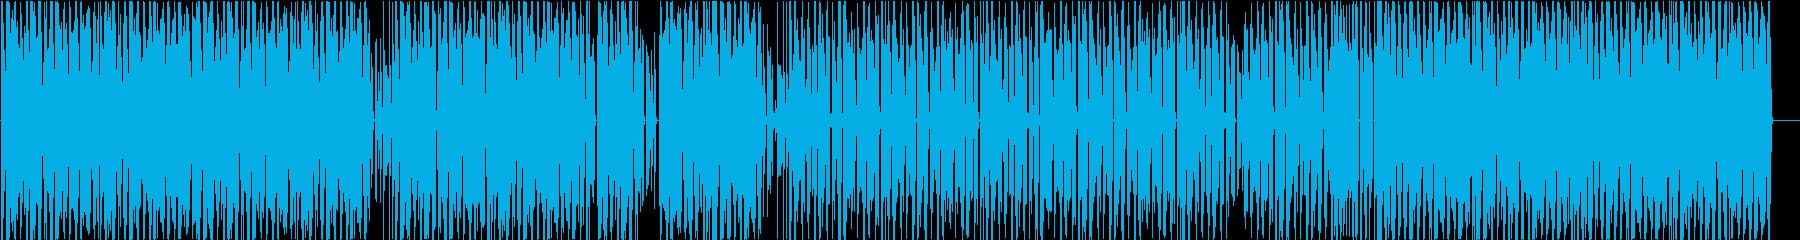 リズムとベースのんの再生済みの波形